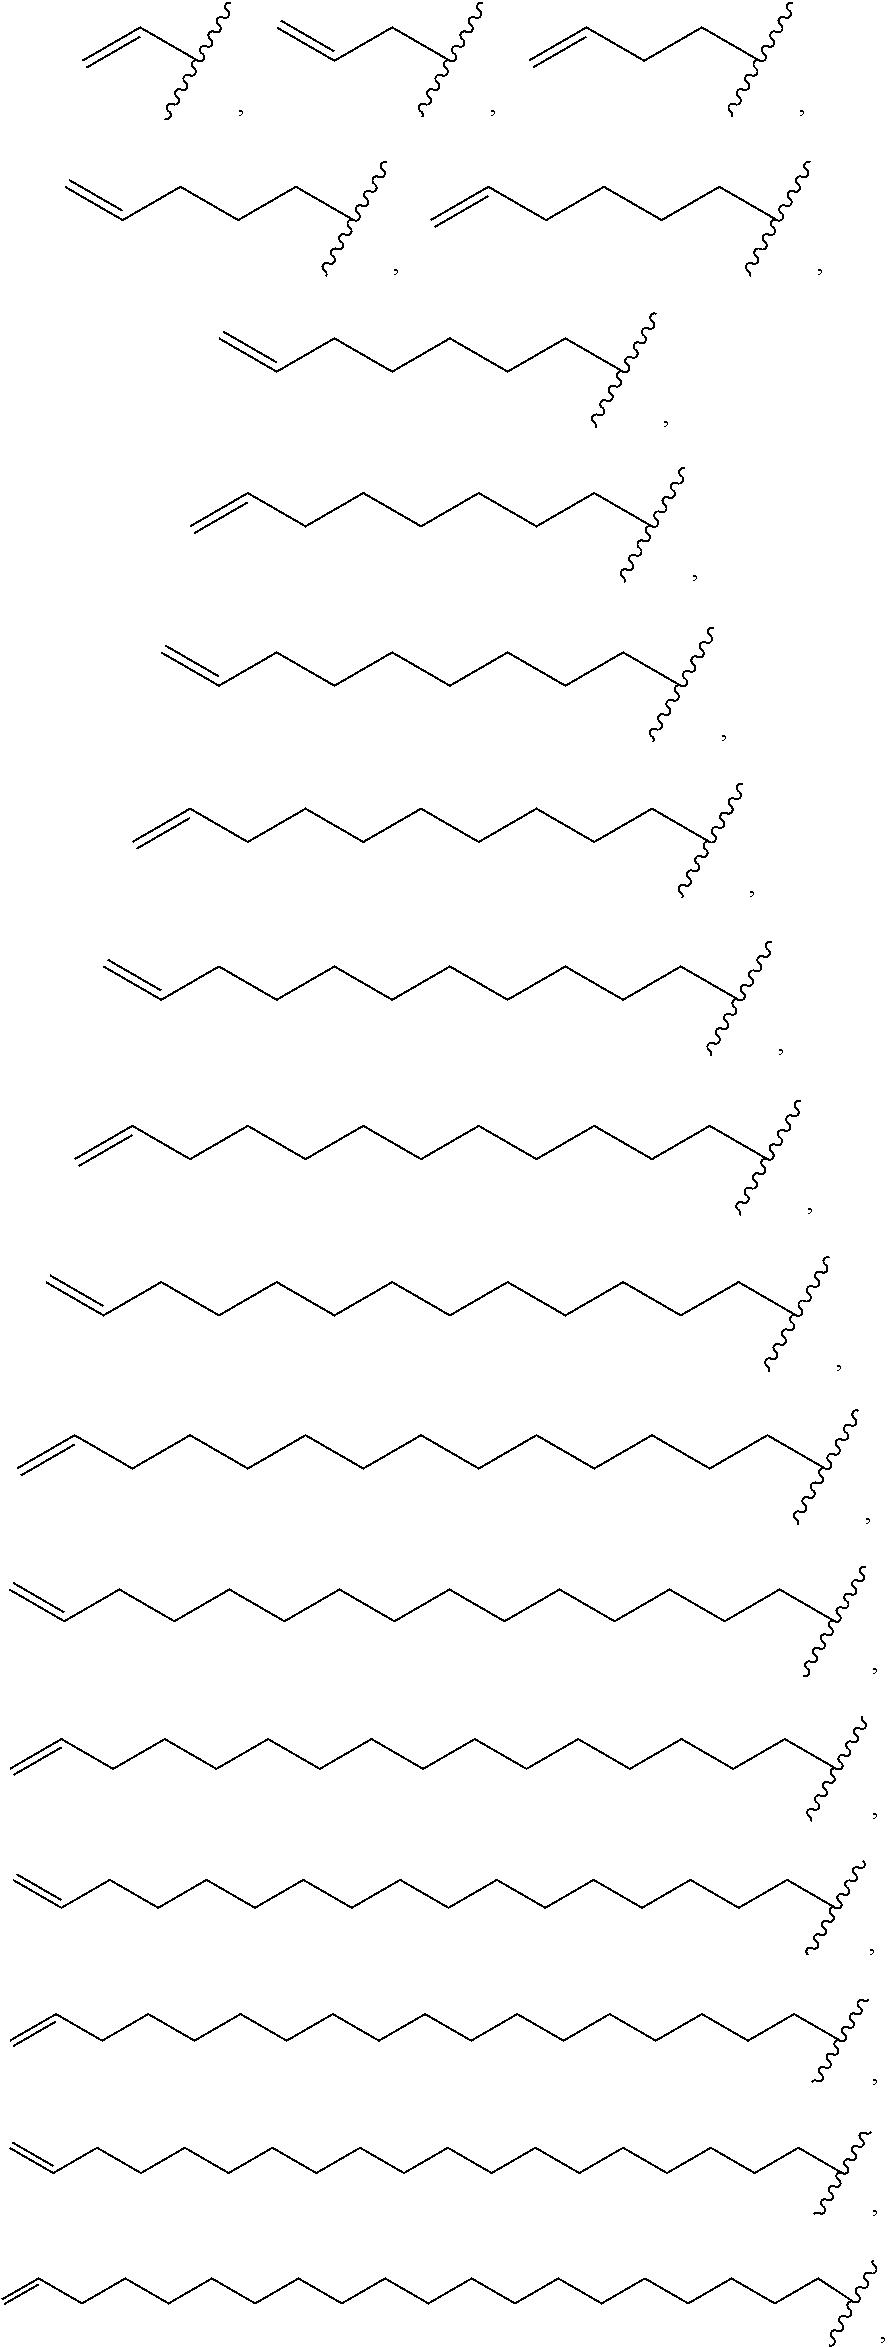 Figure US09238716-20160119-C00035